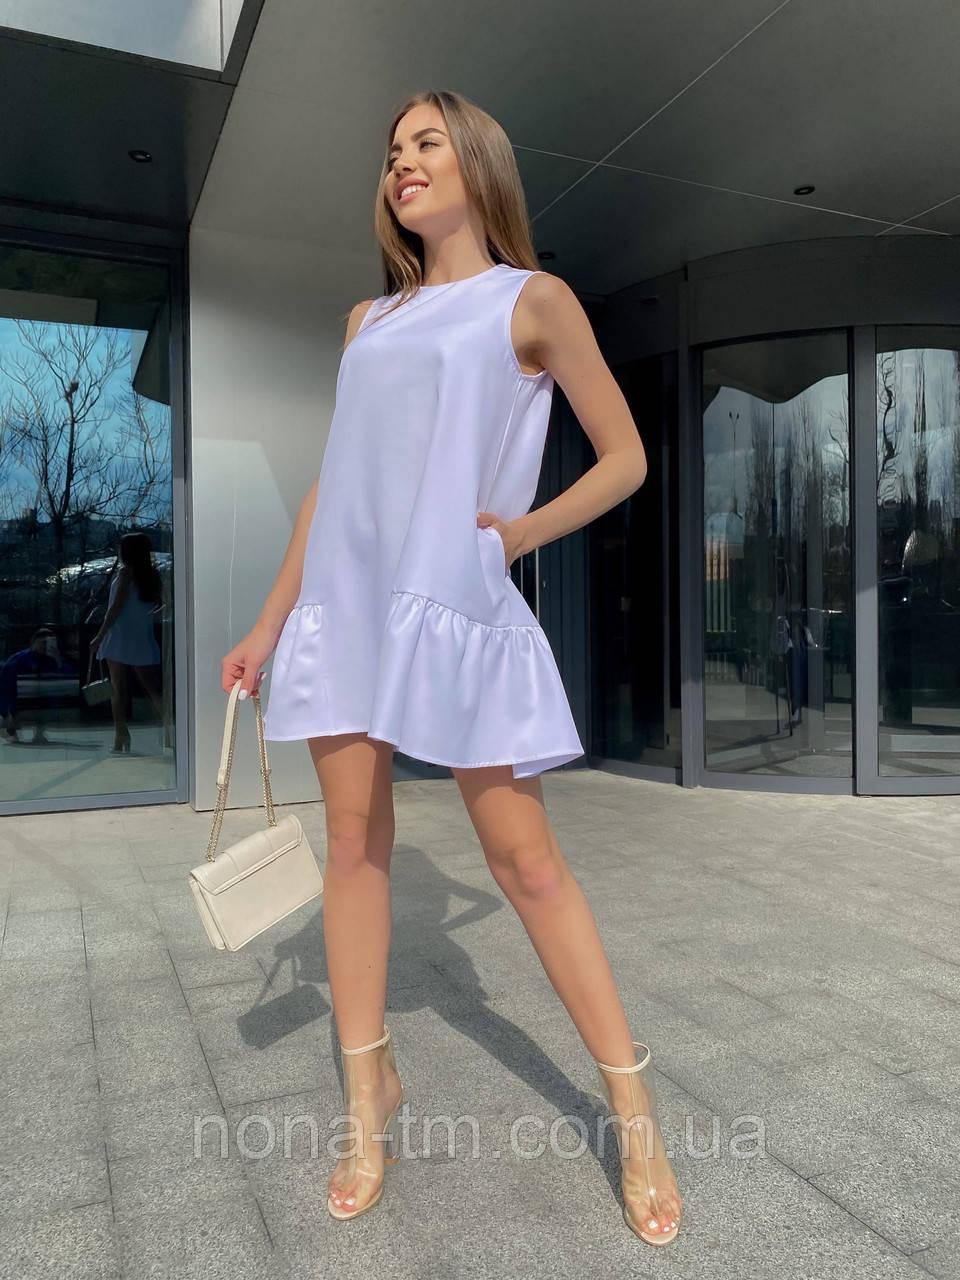 Вільний сукня жіноча літній без рукавів